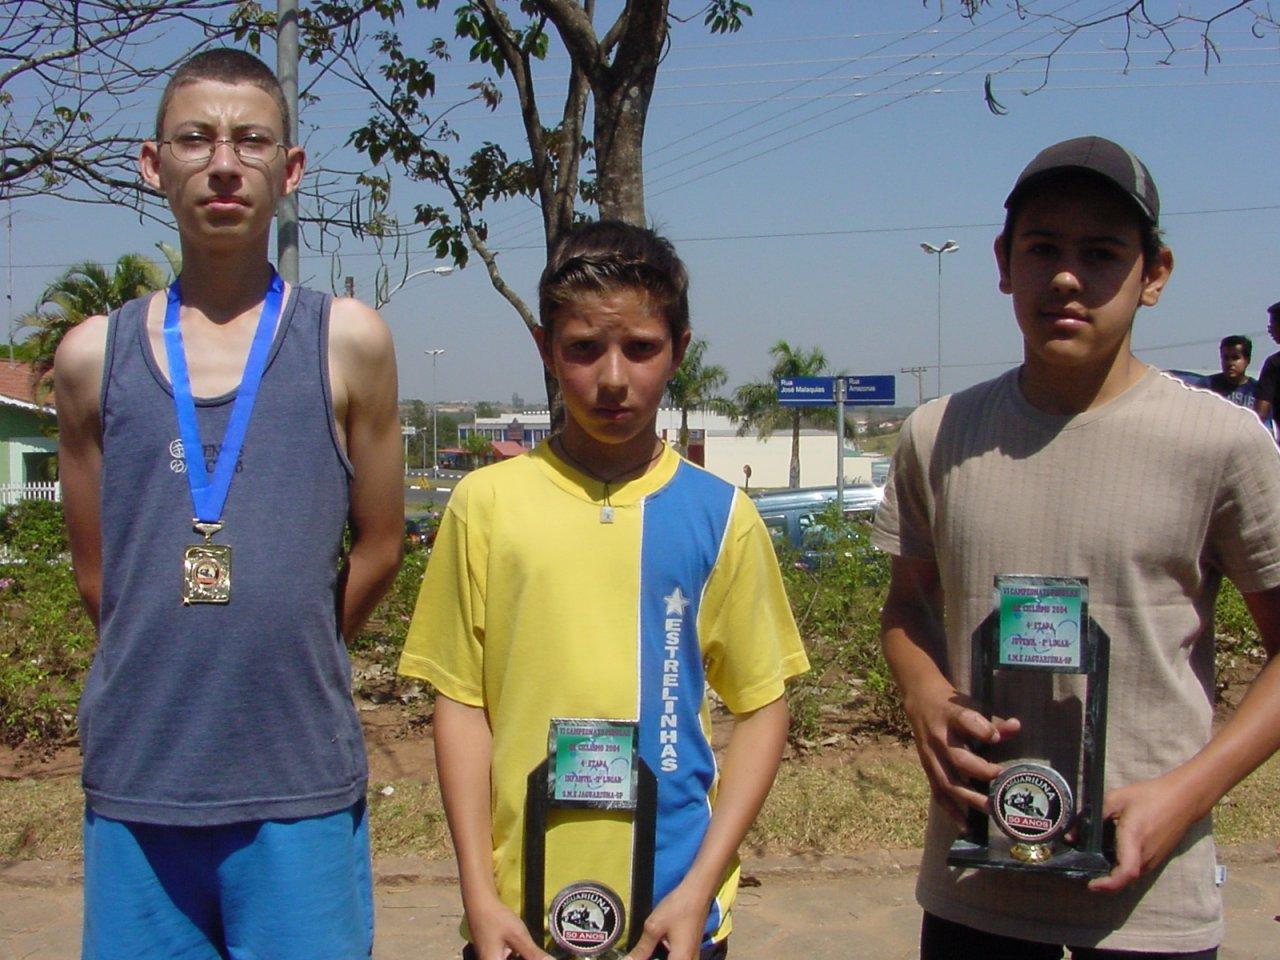 Tiago concluiu o percurso em 4º, David foi 3º no infantil e Romário ficou em 2º no juvenil (fotos de Gislaine Mathias)